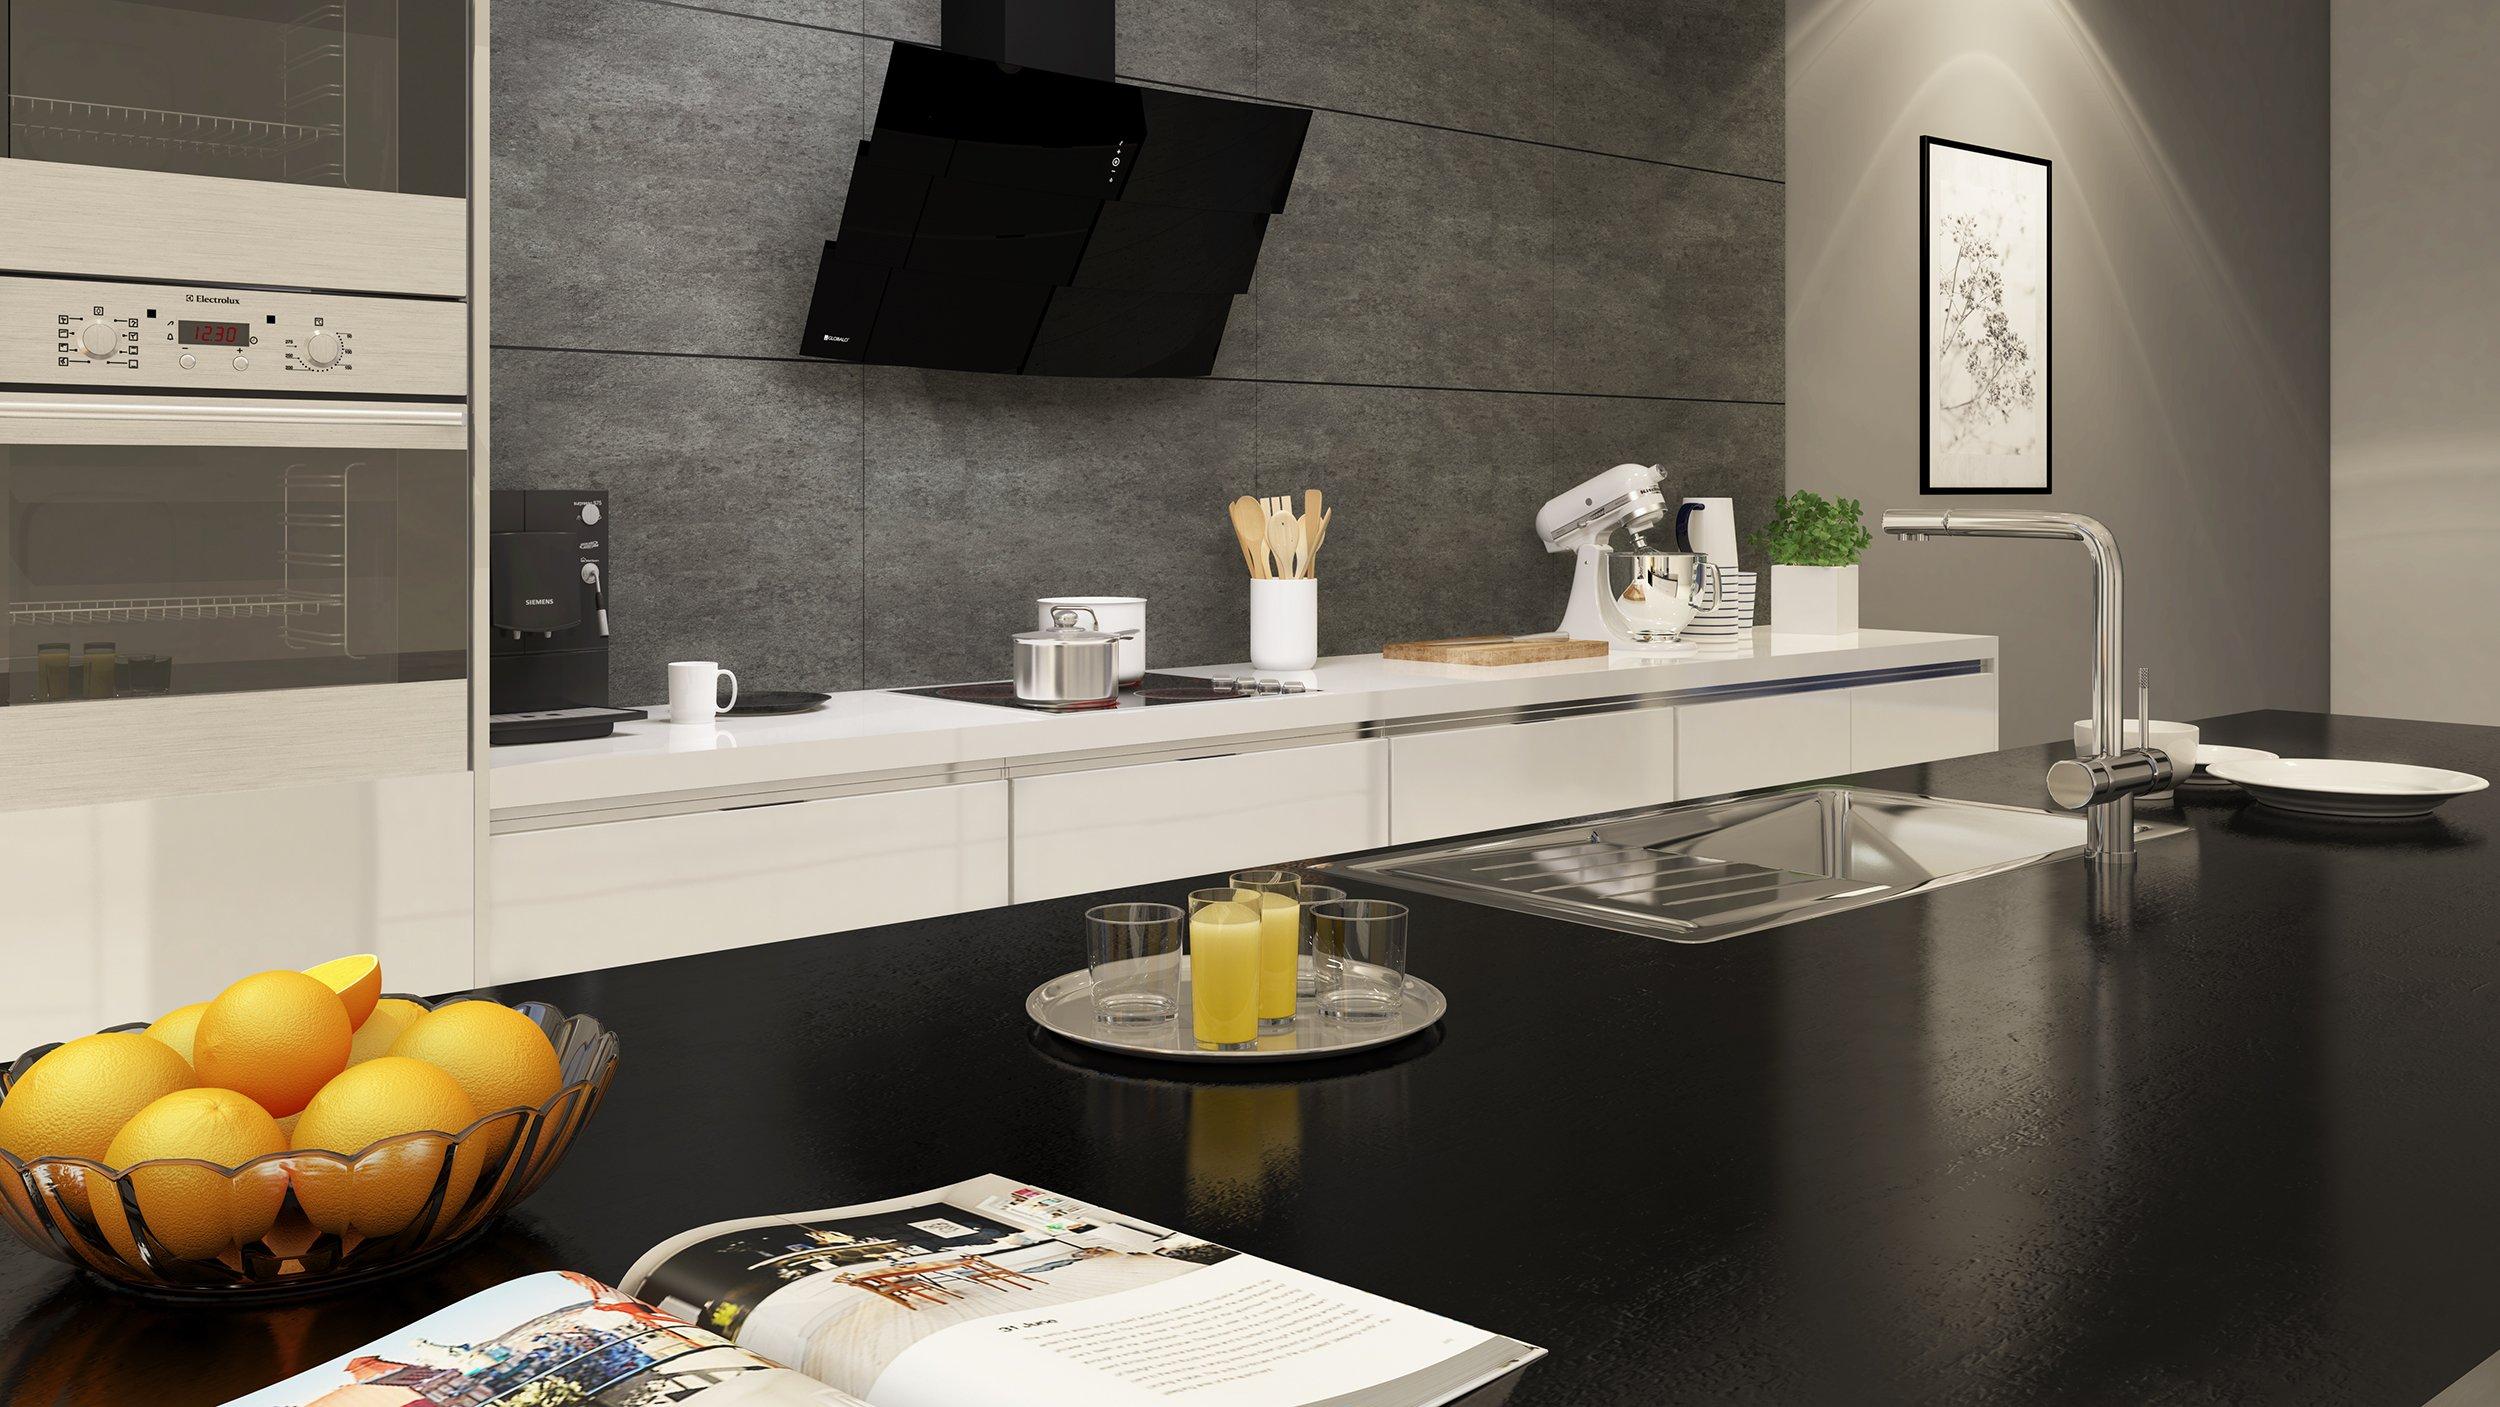 Inspiracje GLOBALO otwarta kuchnia w eleganckim stylu -> Inspiracje Kuchni Nowoczesnych